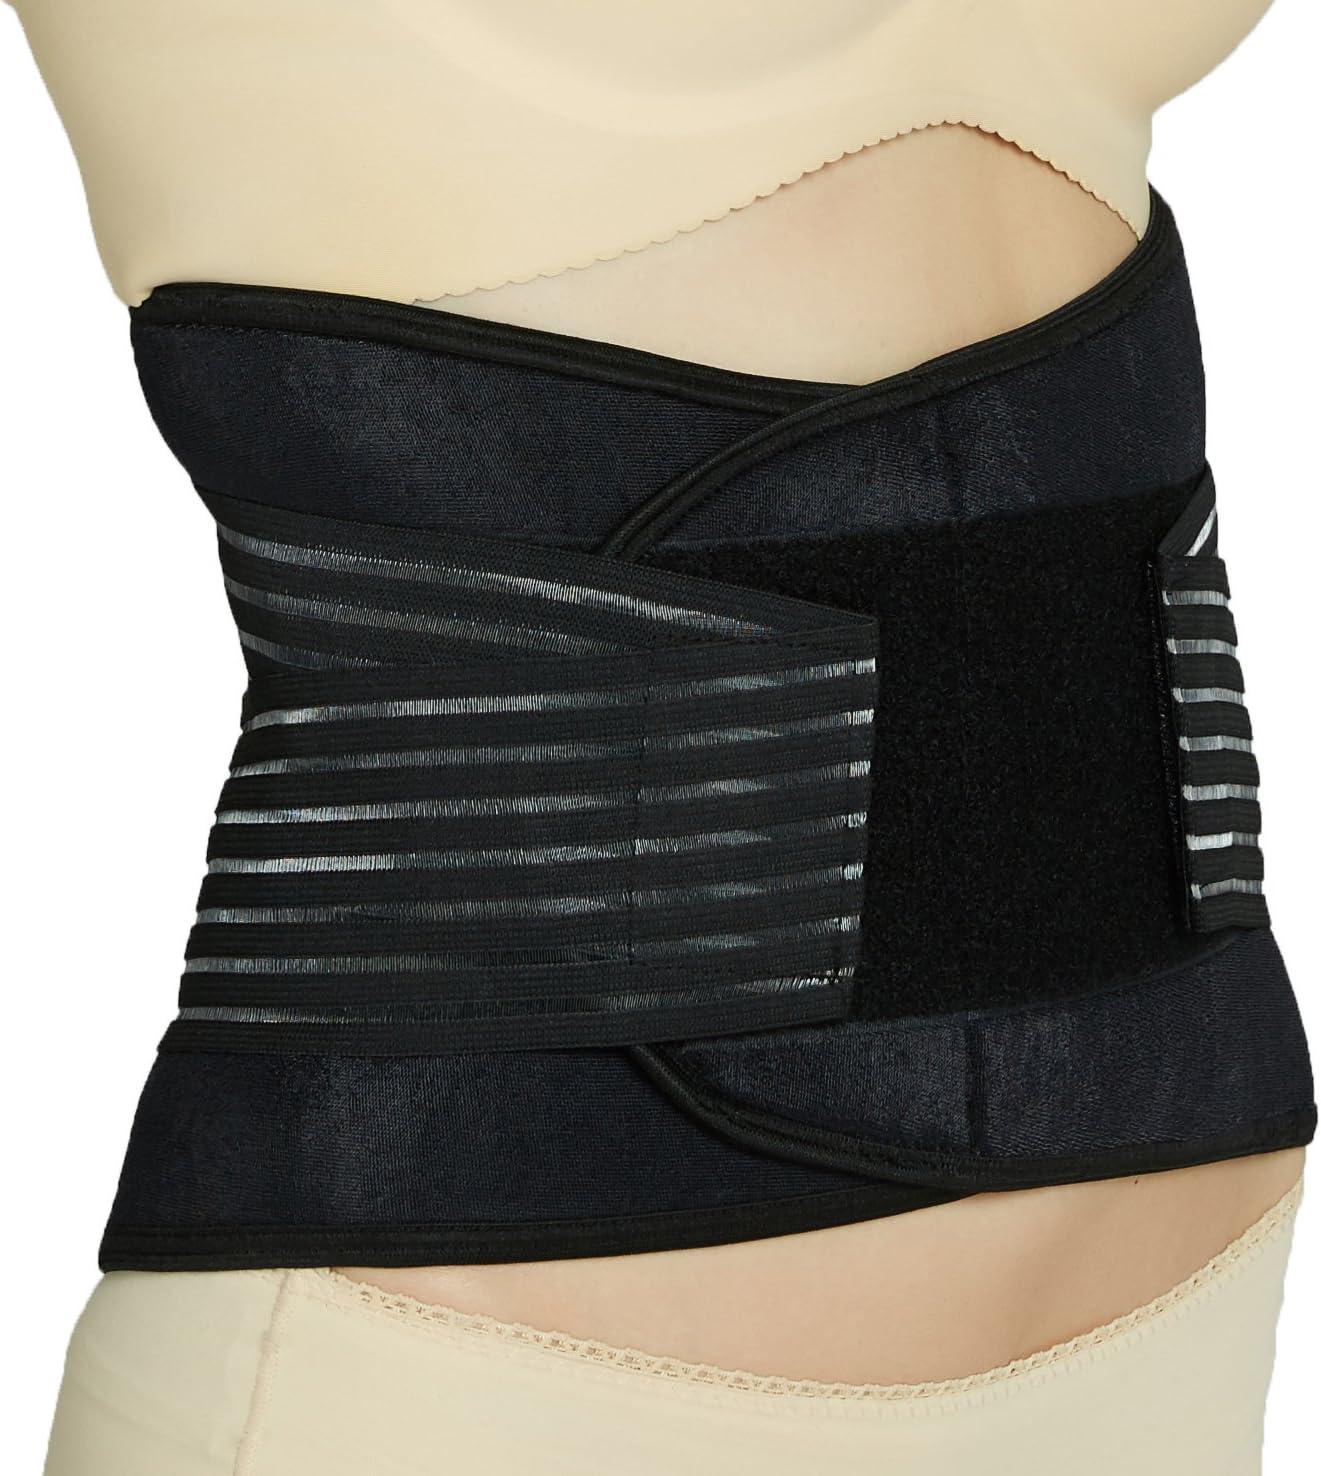 nero supporto lombare con cinghie di compressione a doppia banda Tutore schiena in neoprene S Neotech Care